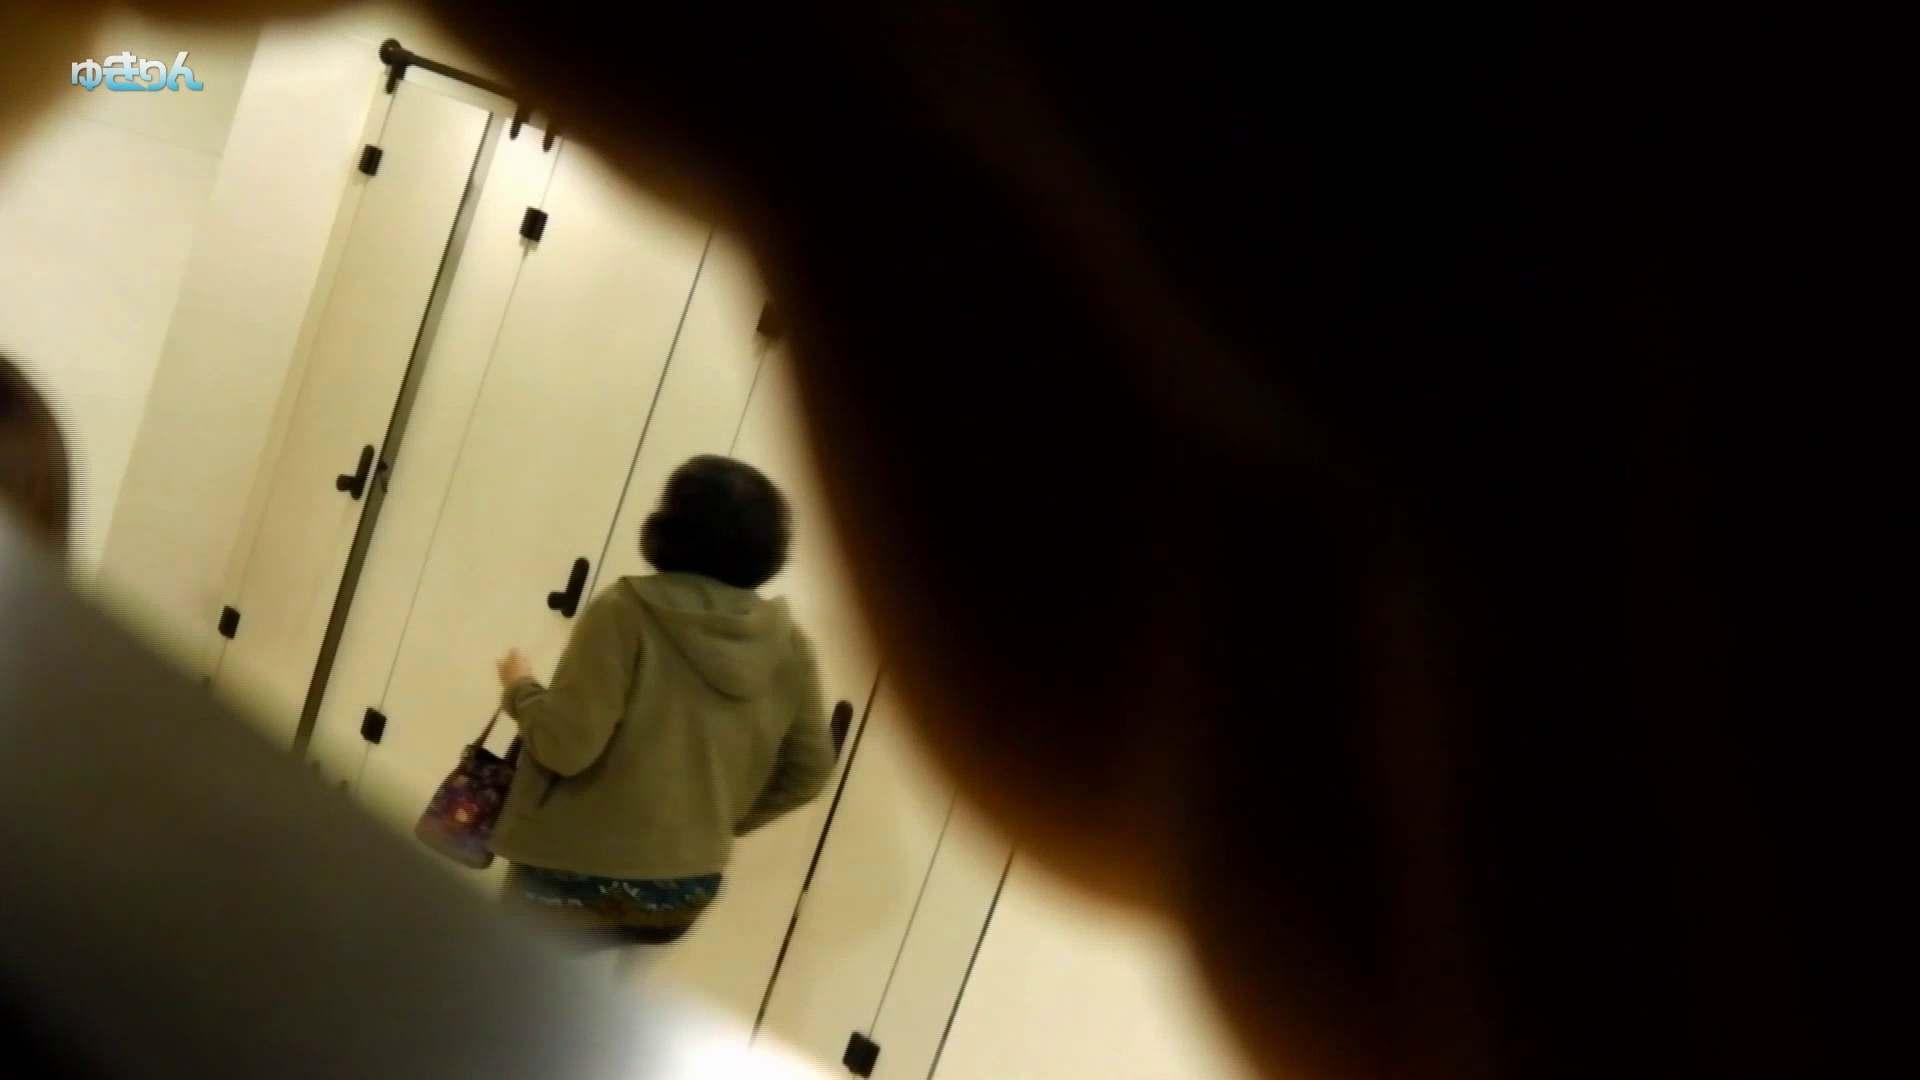 新世界の射窓 No81 制月反さん登場!! お姉さん | ギャル  69画像 55